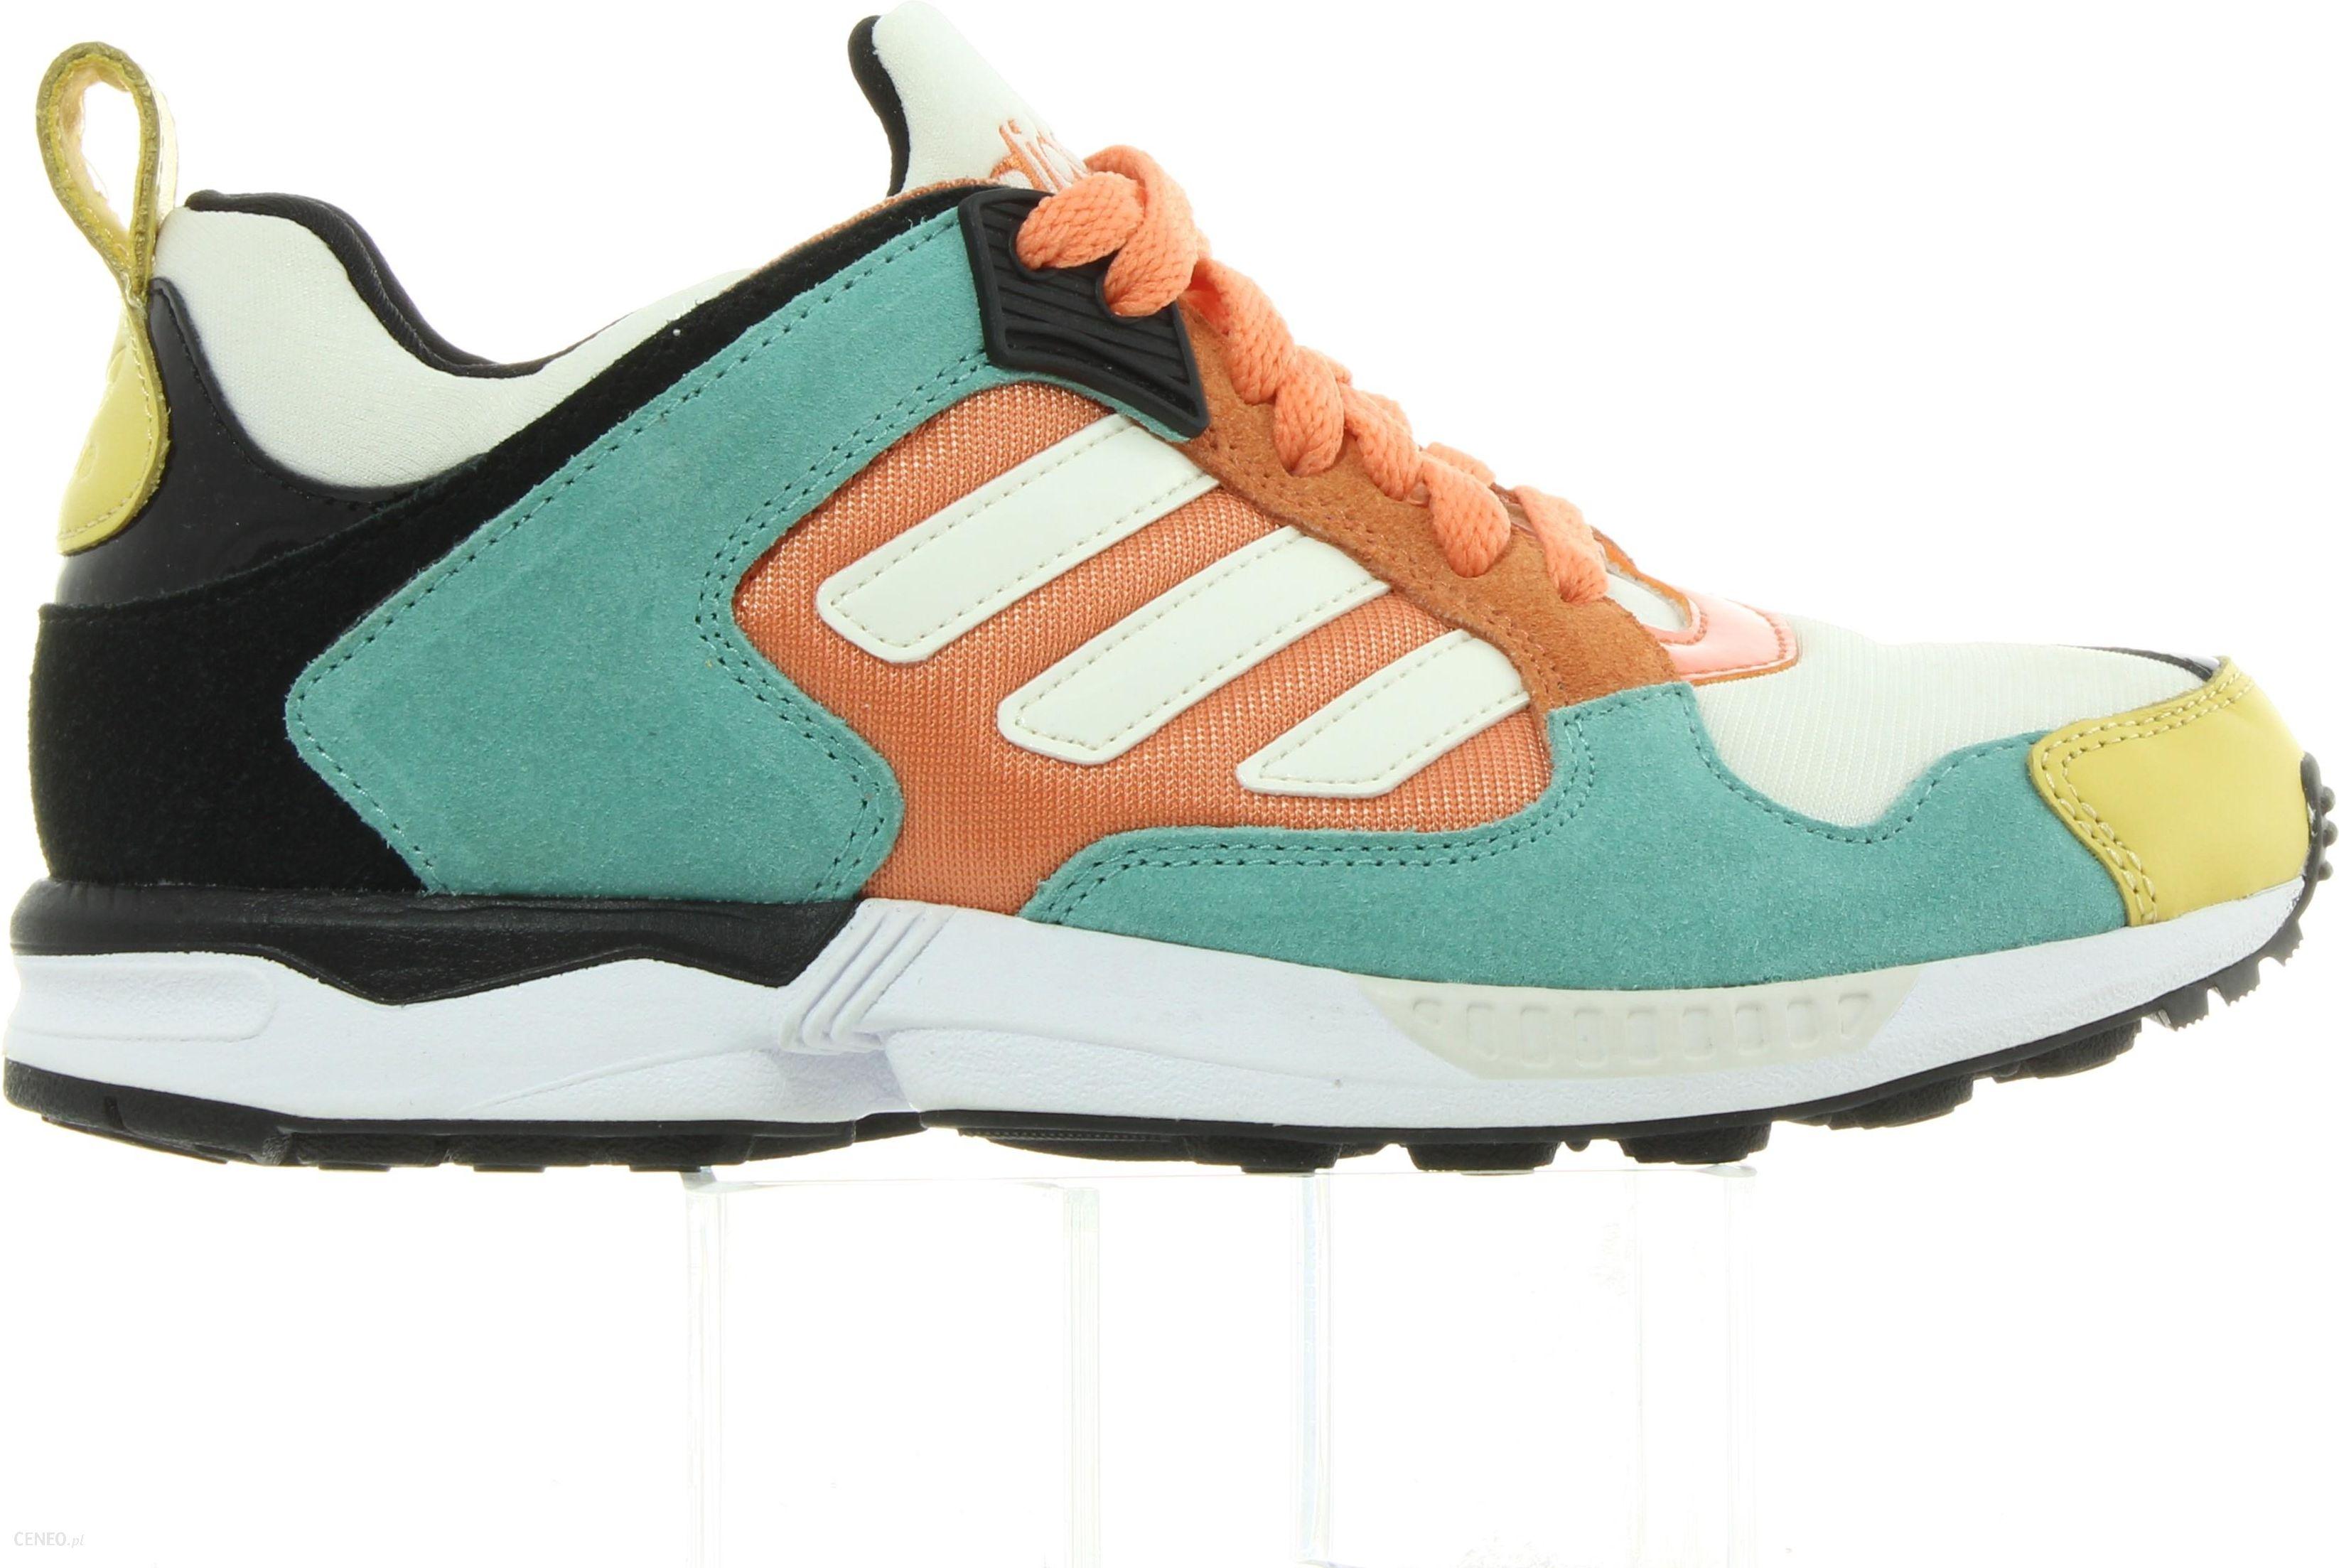 nett Adidas ZX 5000 Originals Turnschuhe B25875 | Creative